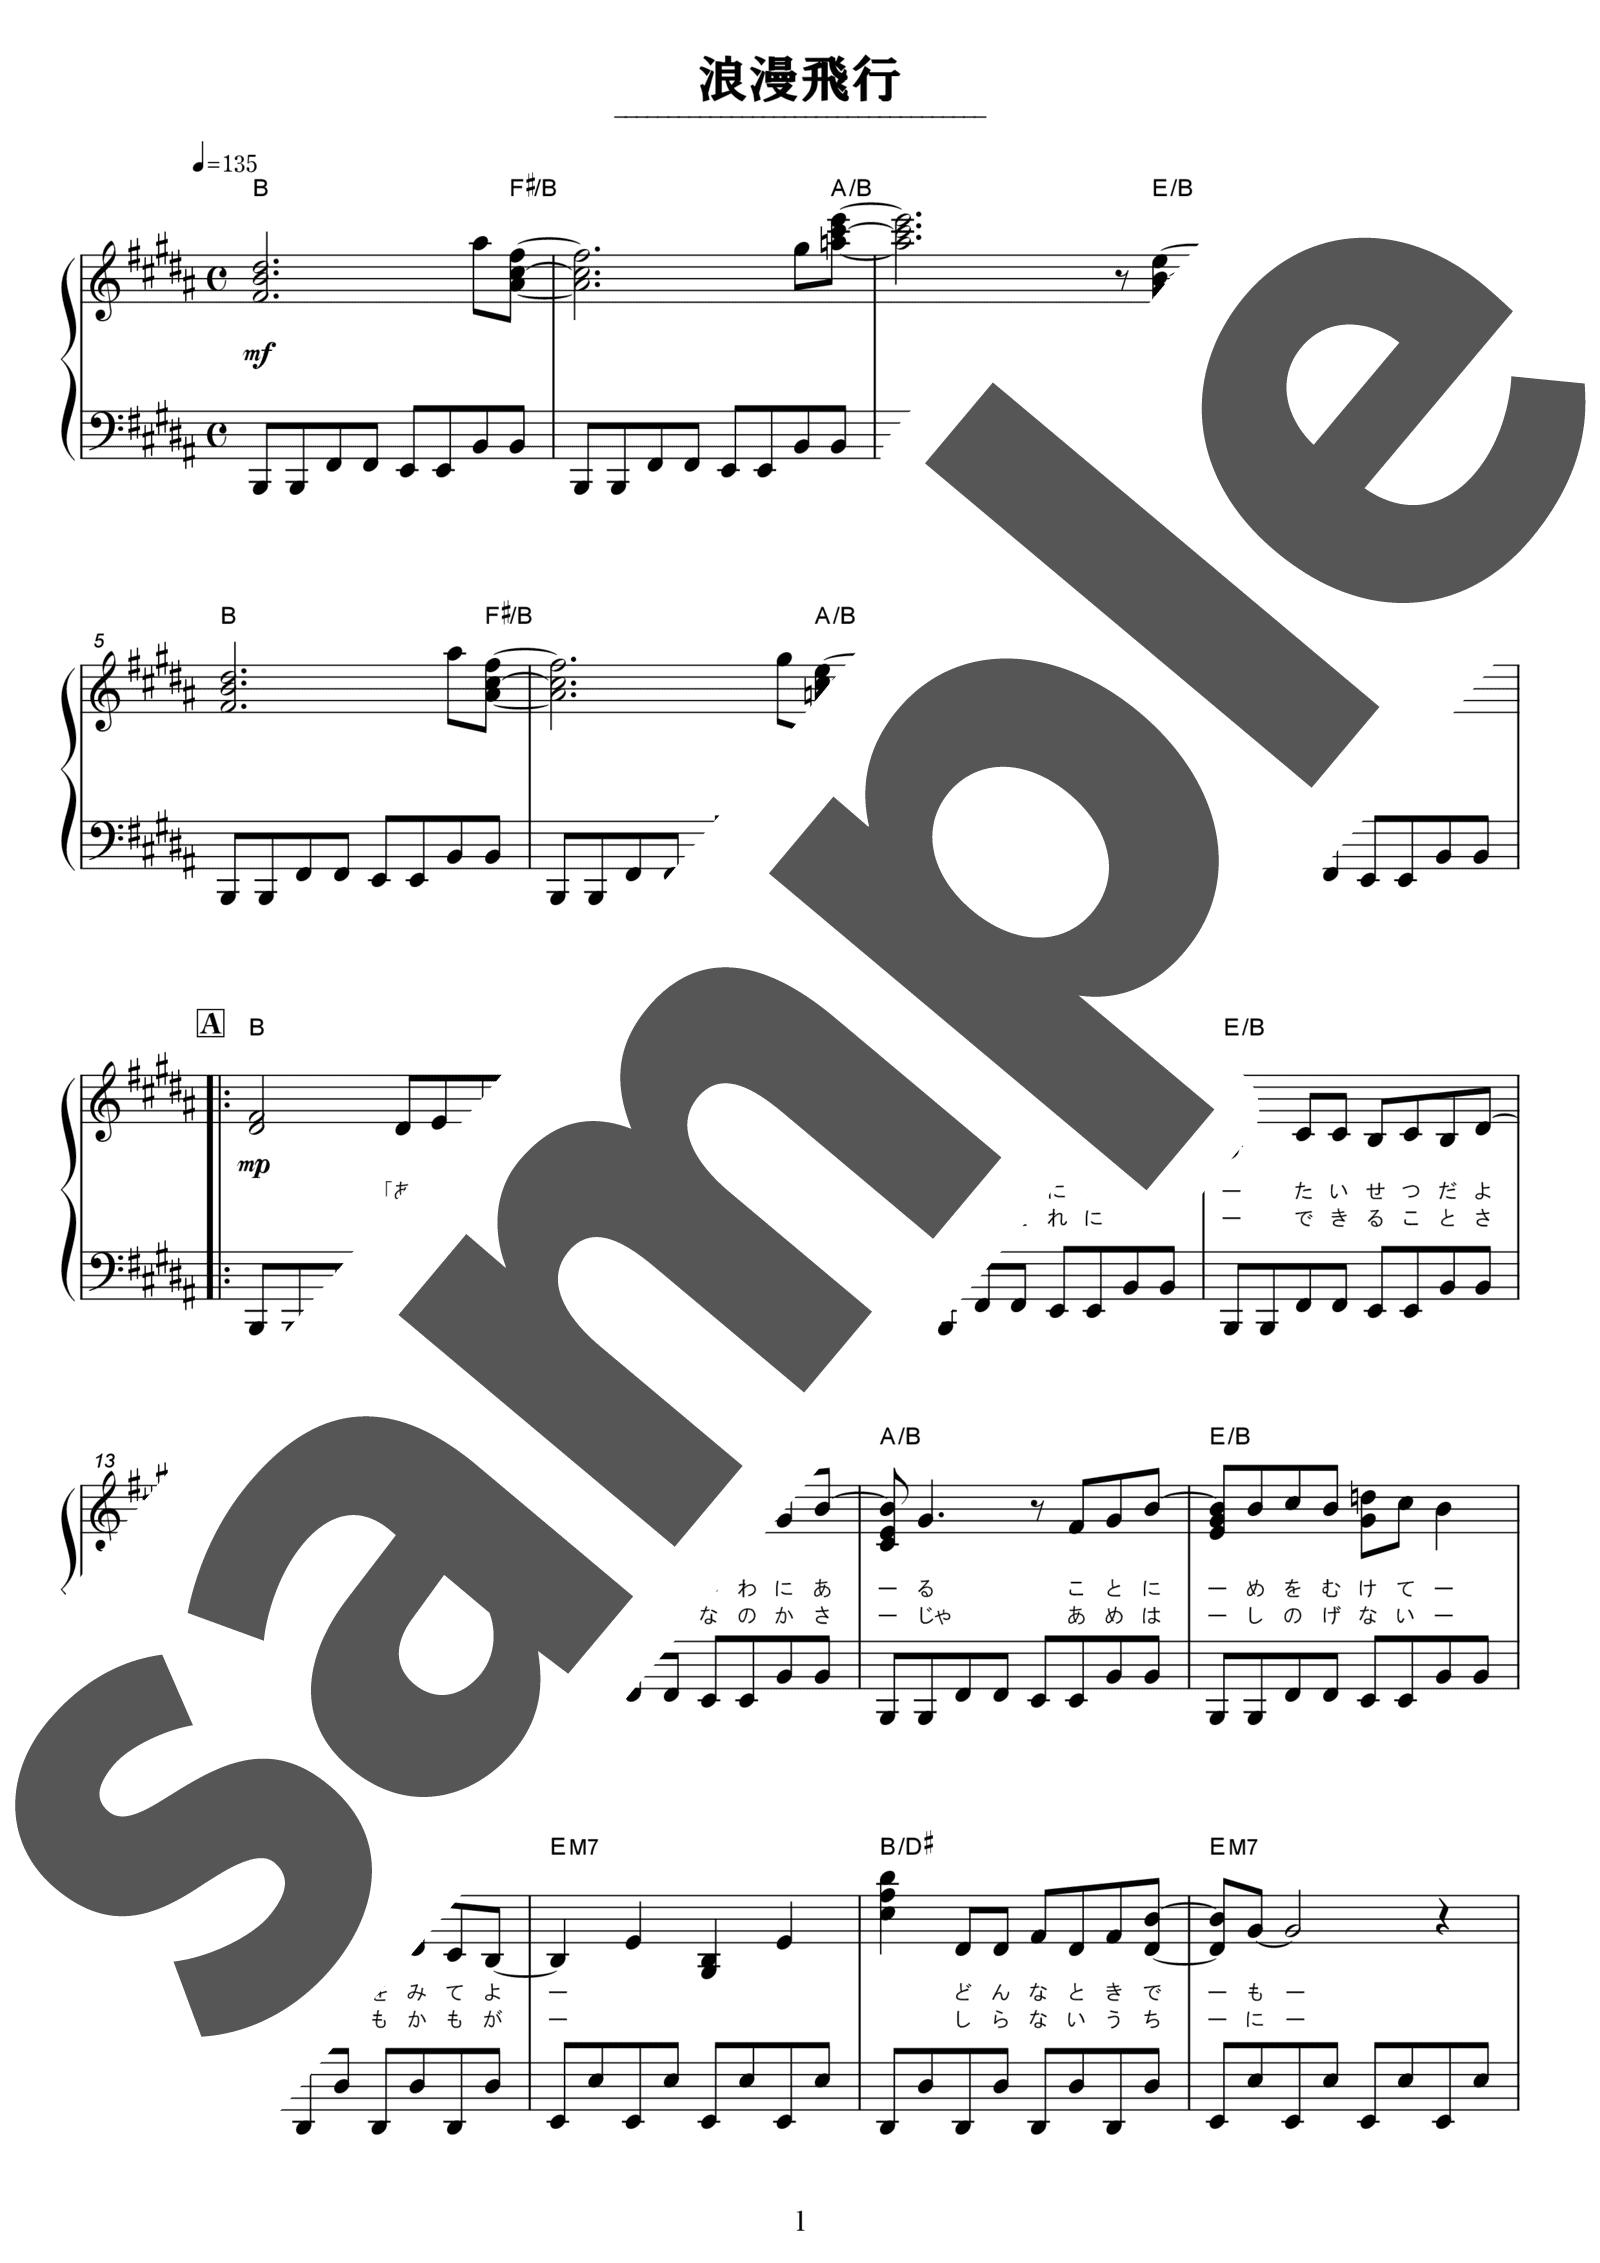 「浪漫飛行」のサンプル楽譜